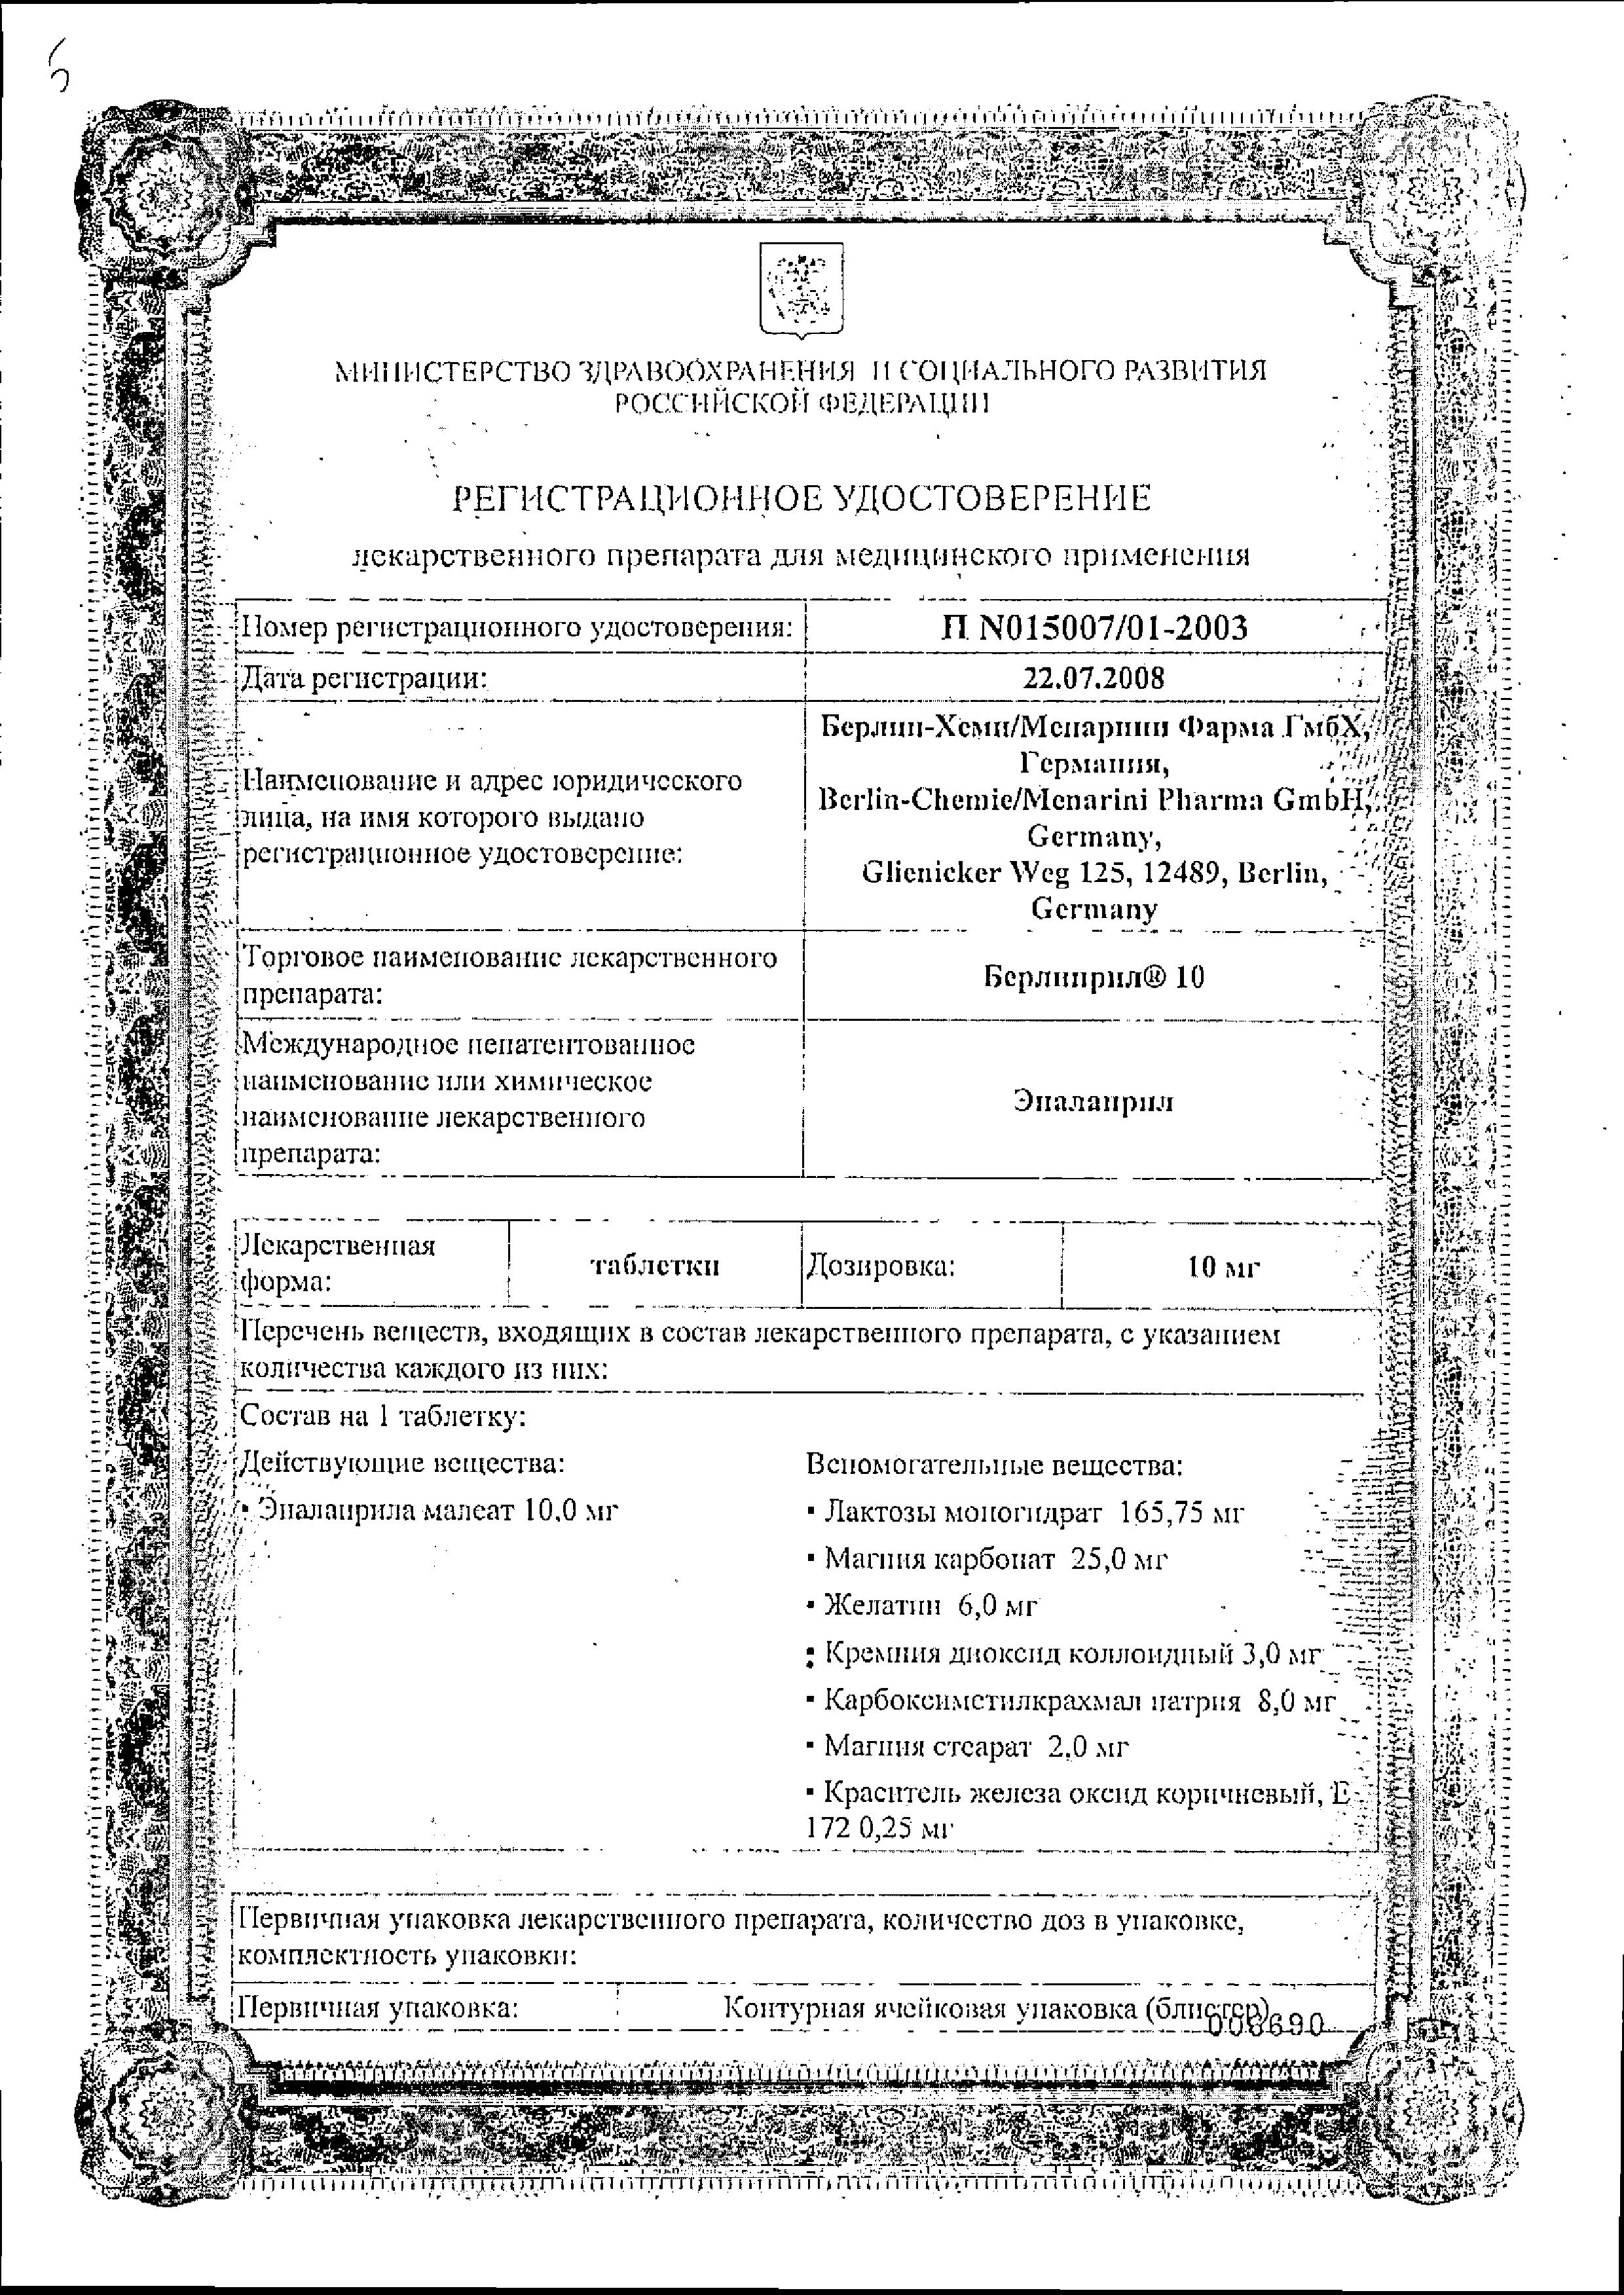 Берлиприл 10 сертификат